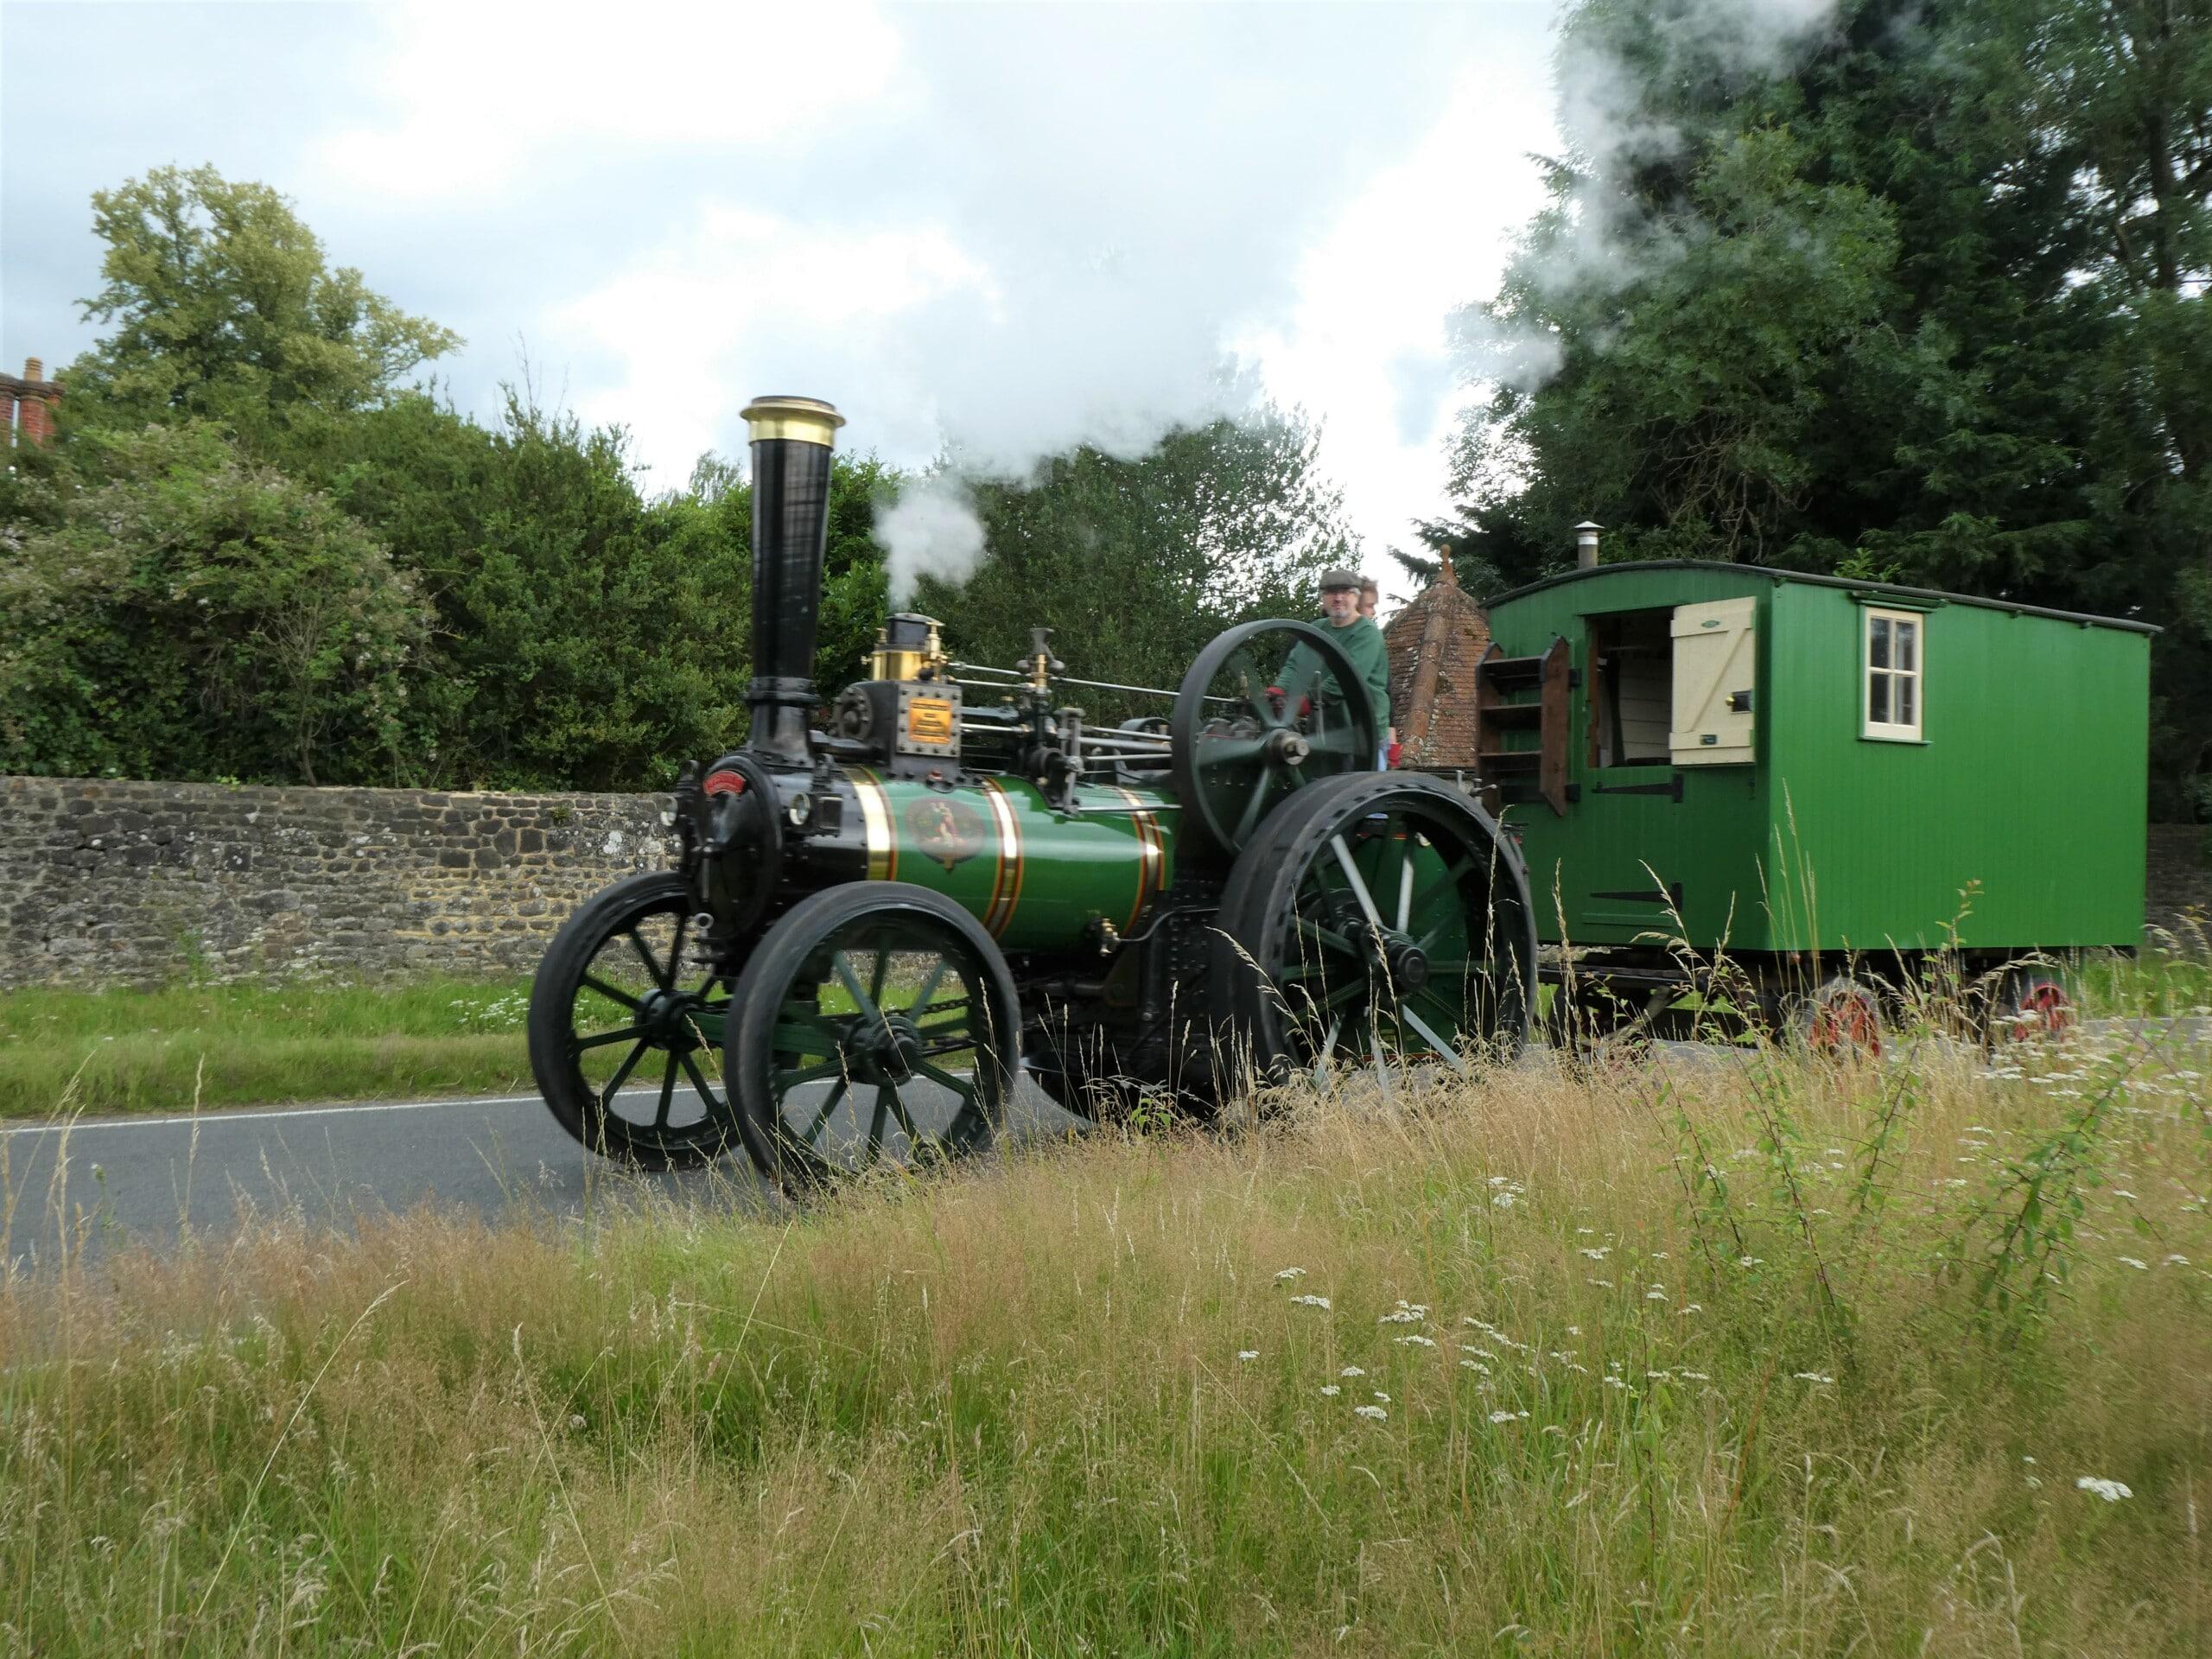 Victoria, Wagon and trailer reunite